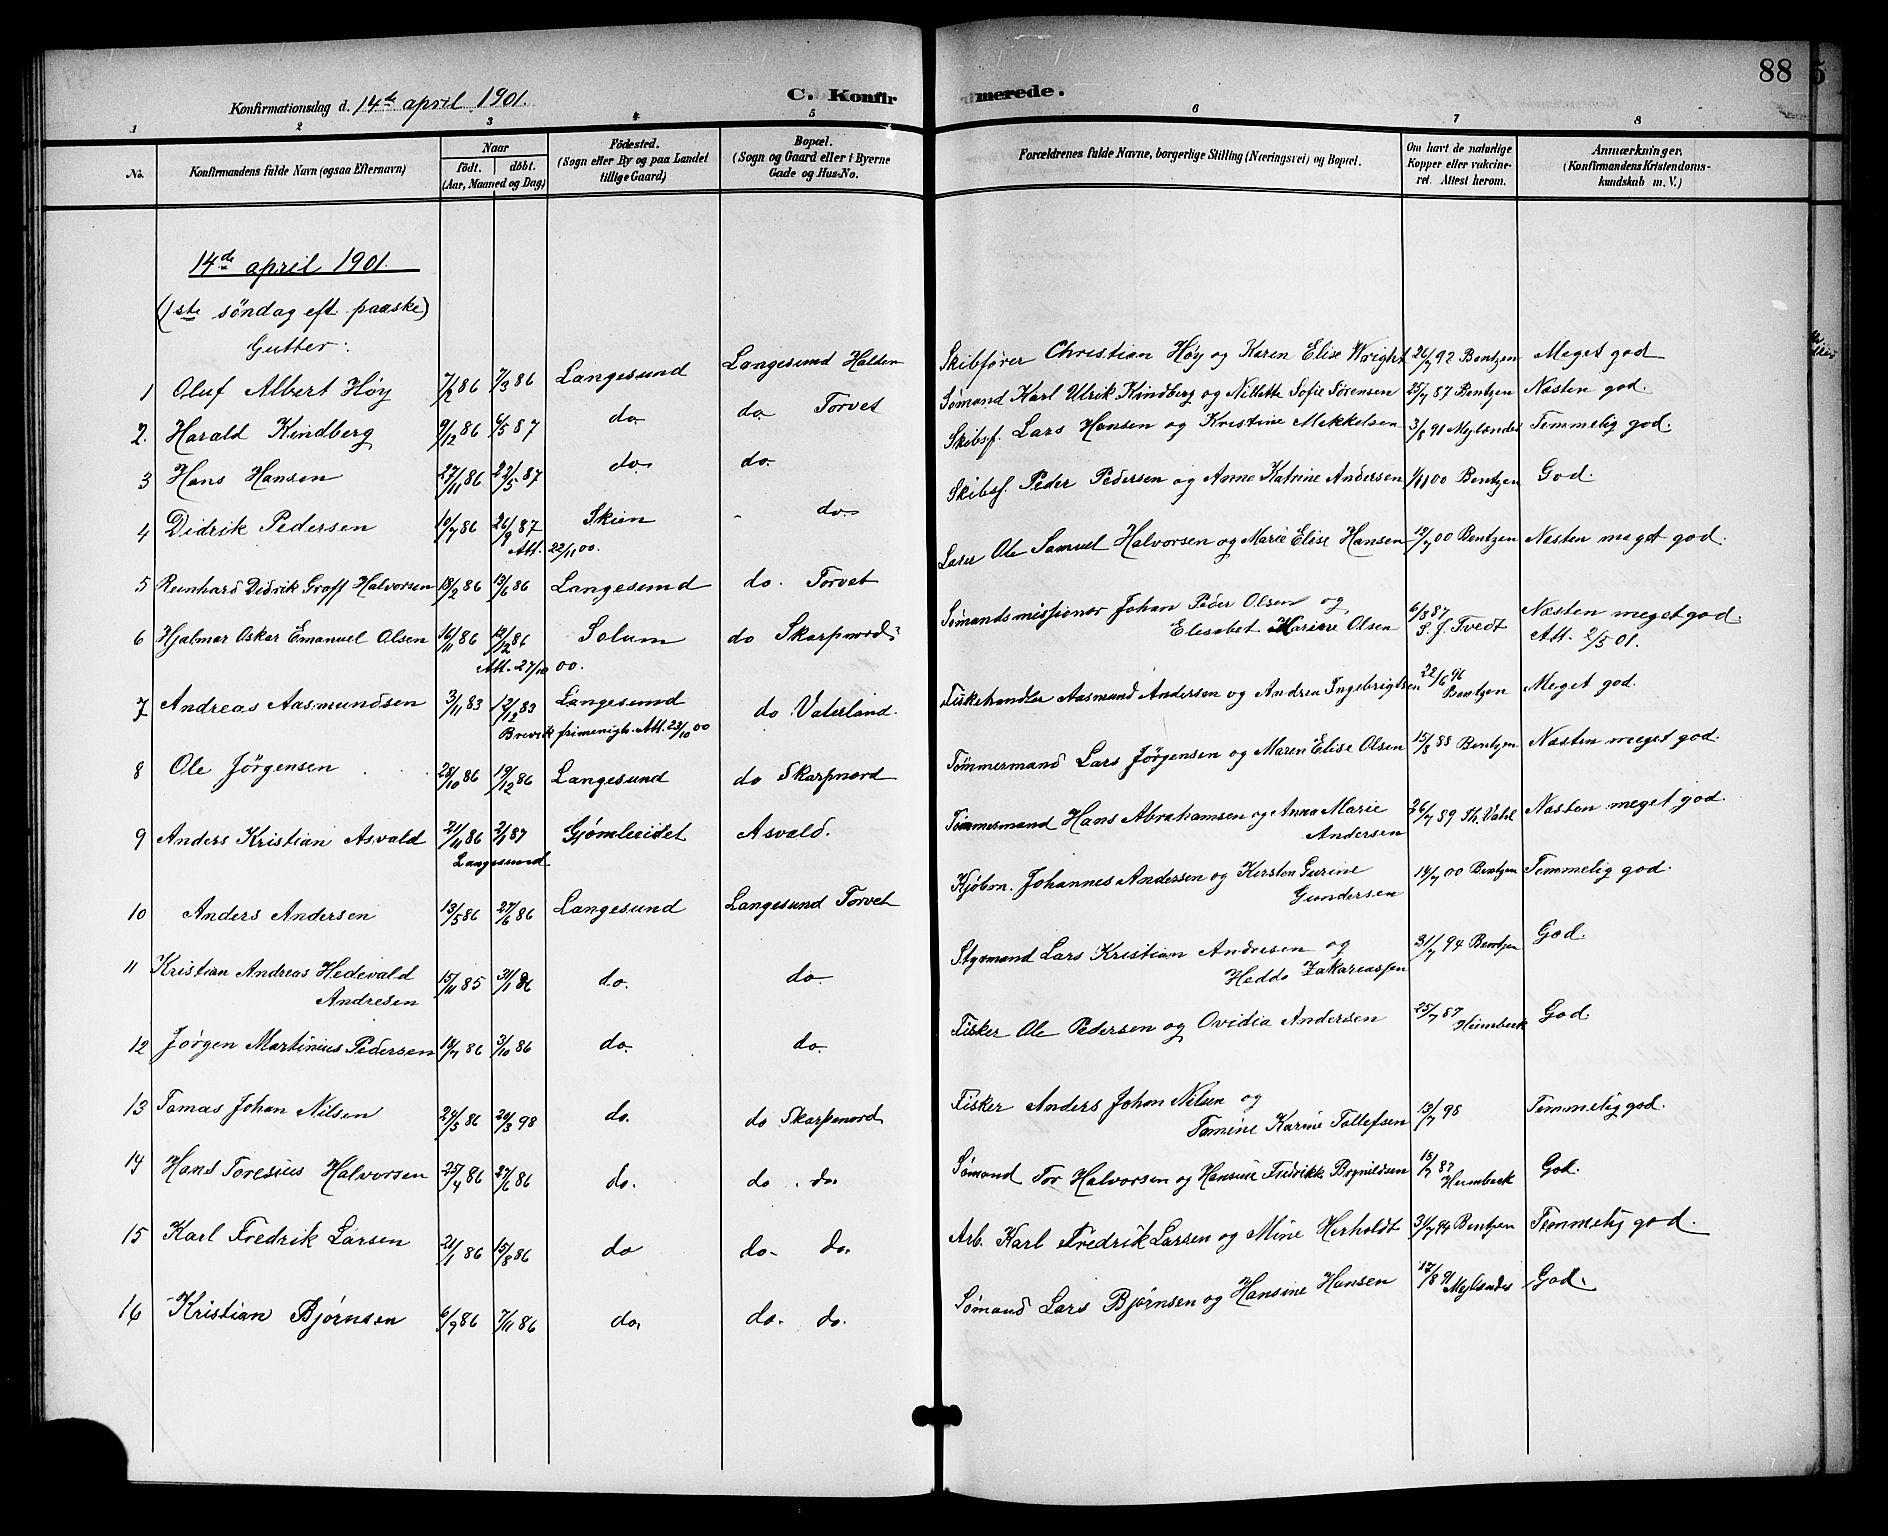 SAKO, Langesund kirkebøker, G/Ga/L0006: Klokkerbok nr. 6, 1899-1918, s. 88